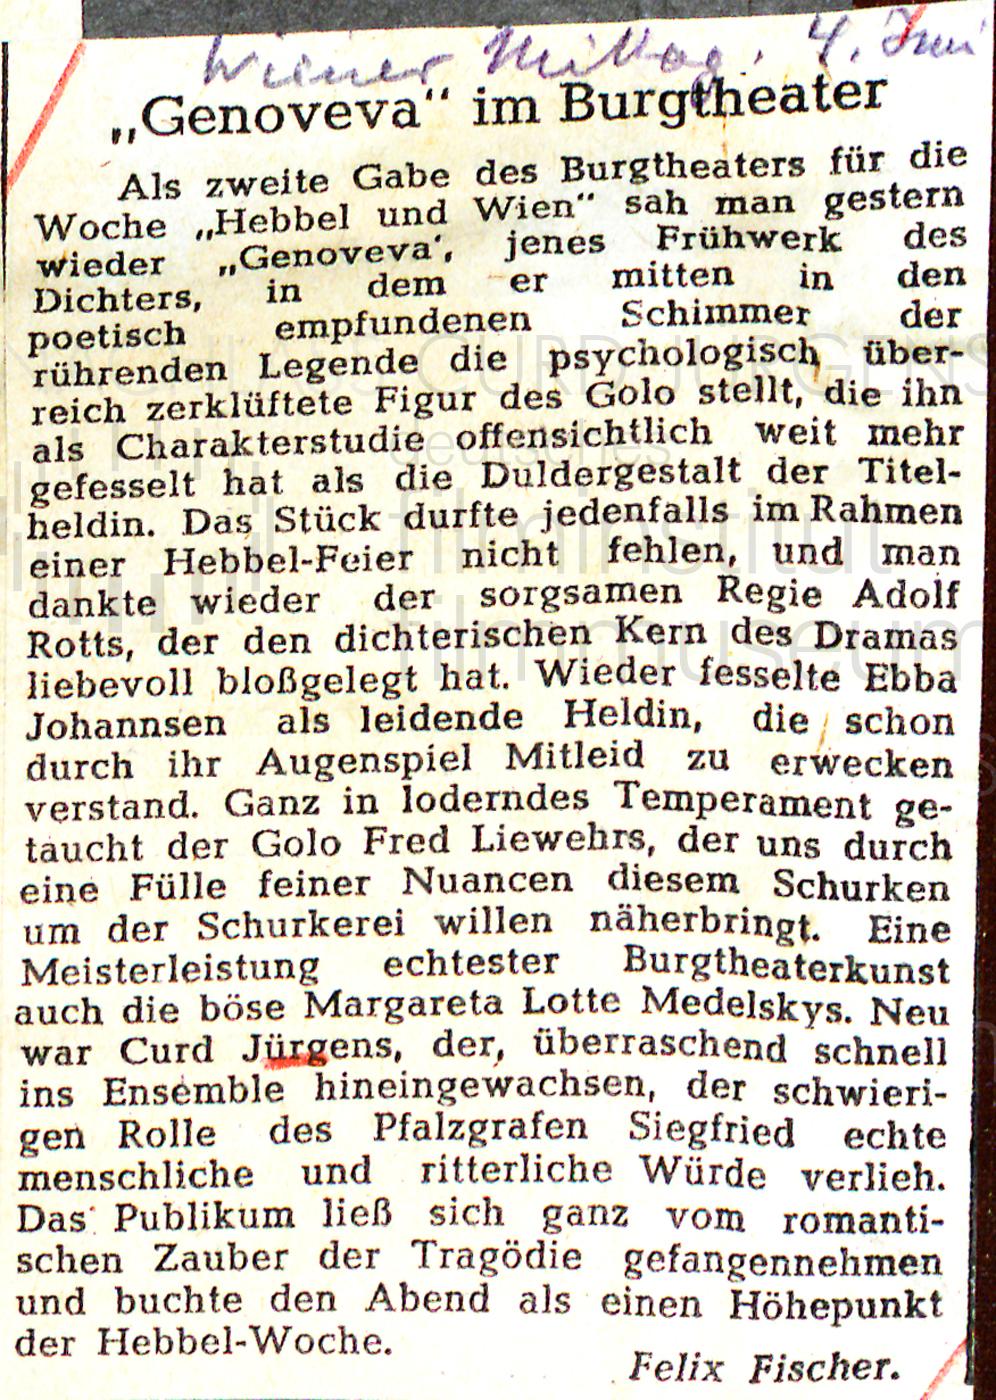 """Wiener Mittag: """"Genoveva im Burgtheater"""", 4.6.1941"""